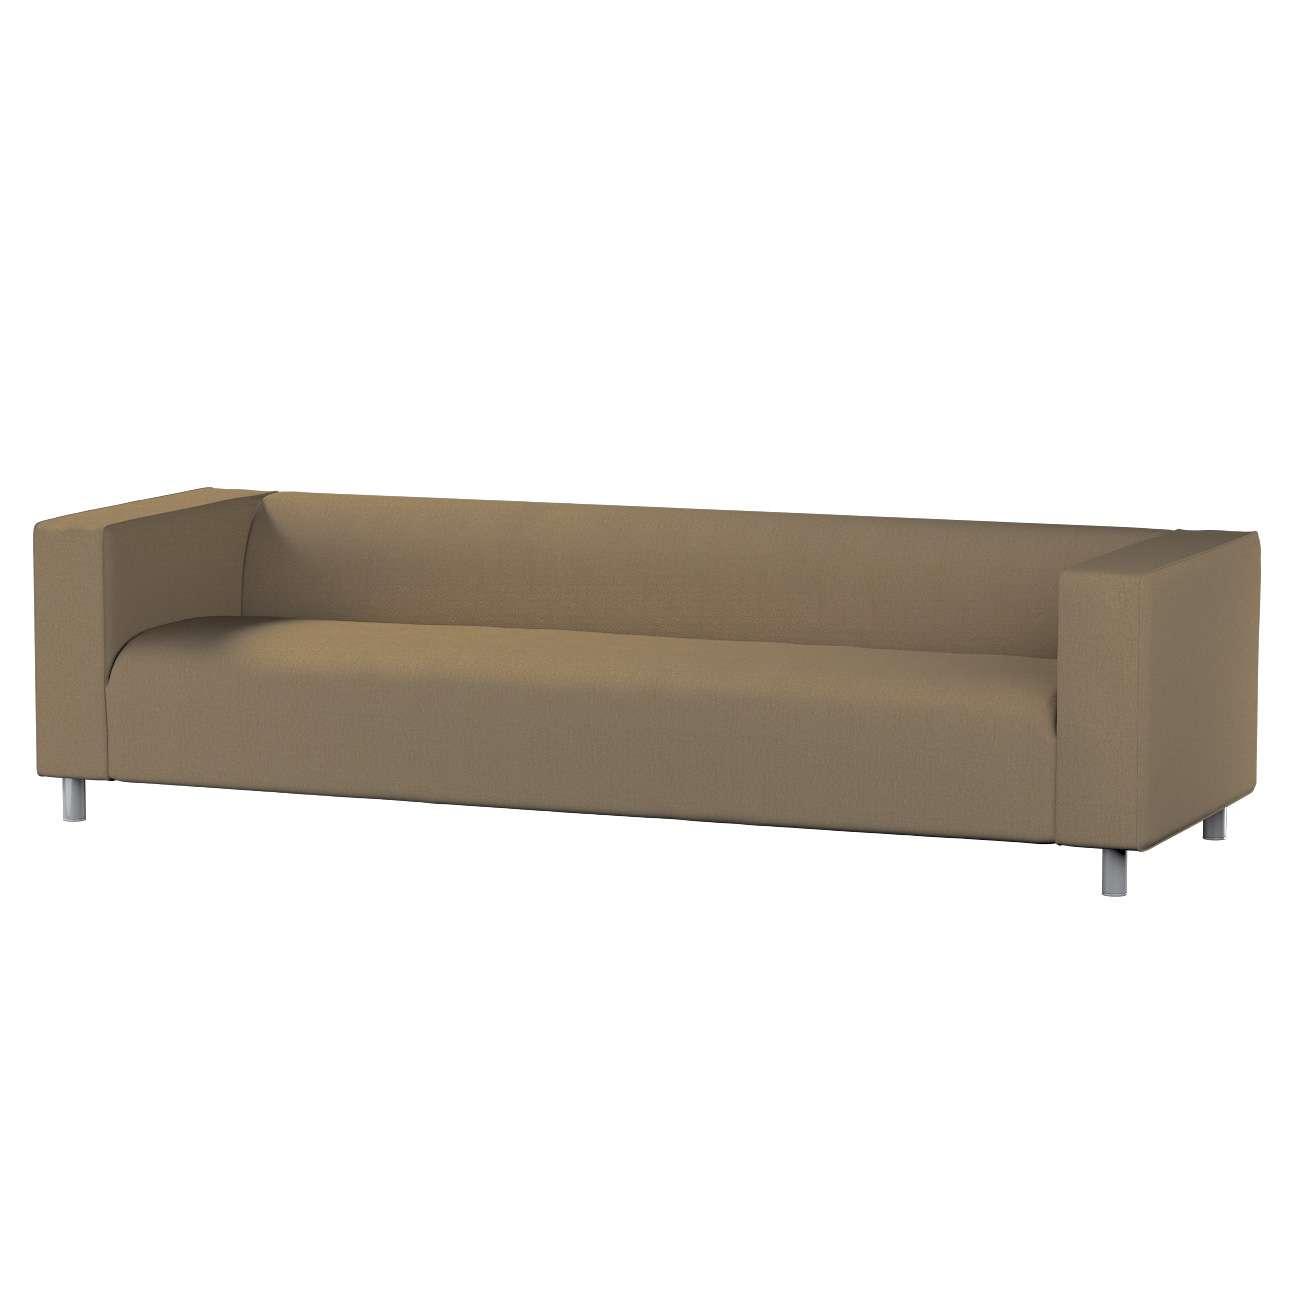 Pokrowiec na sofę Klippan 4-osobową w kolekcji Chenille, tkanina: 702-21